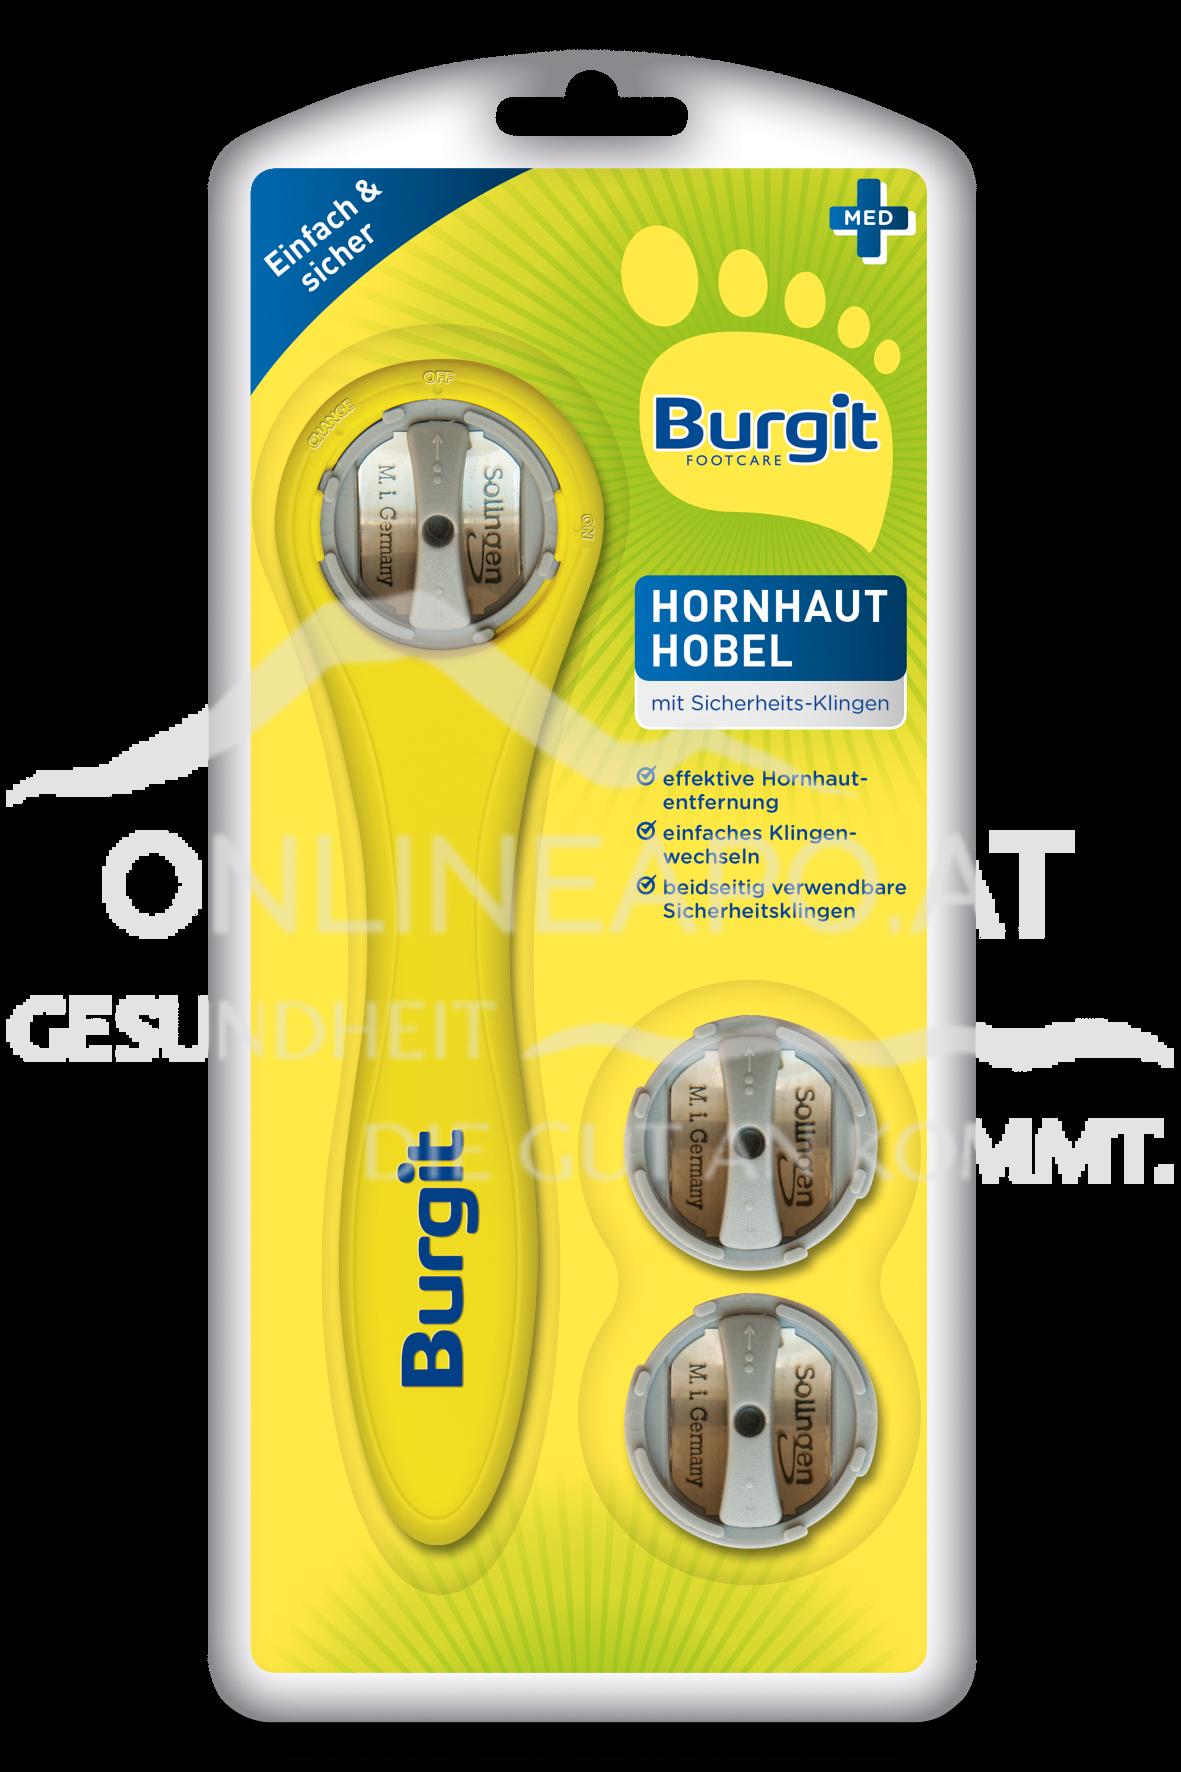 Burgit Hornhaut Hobel